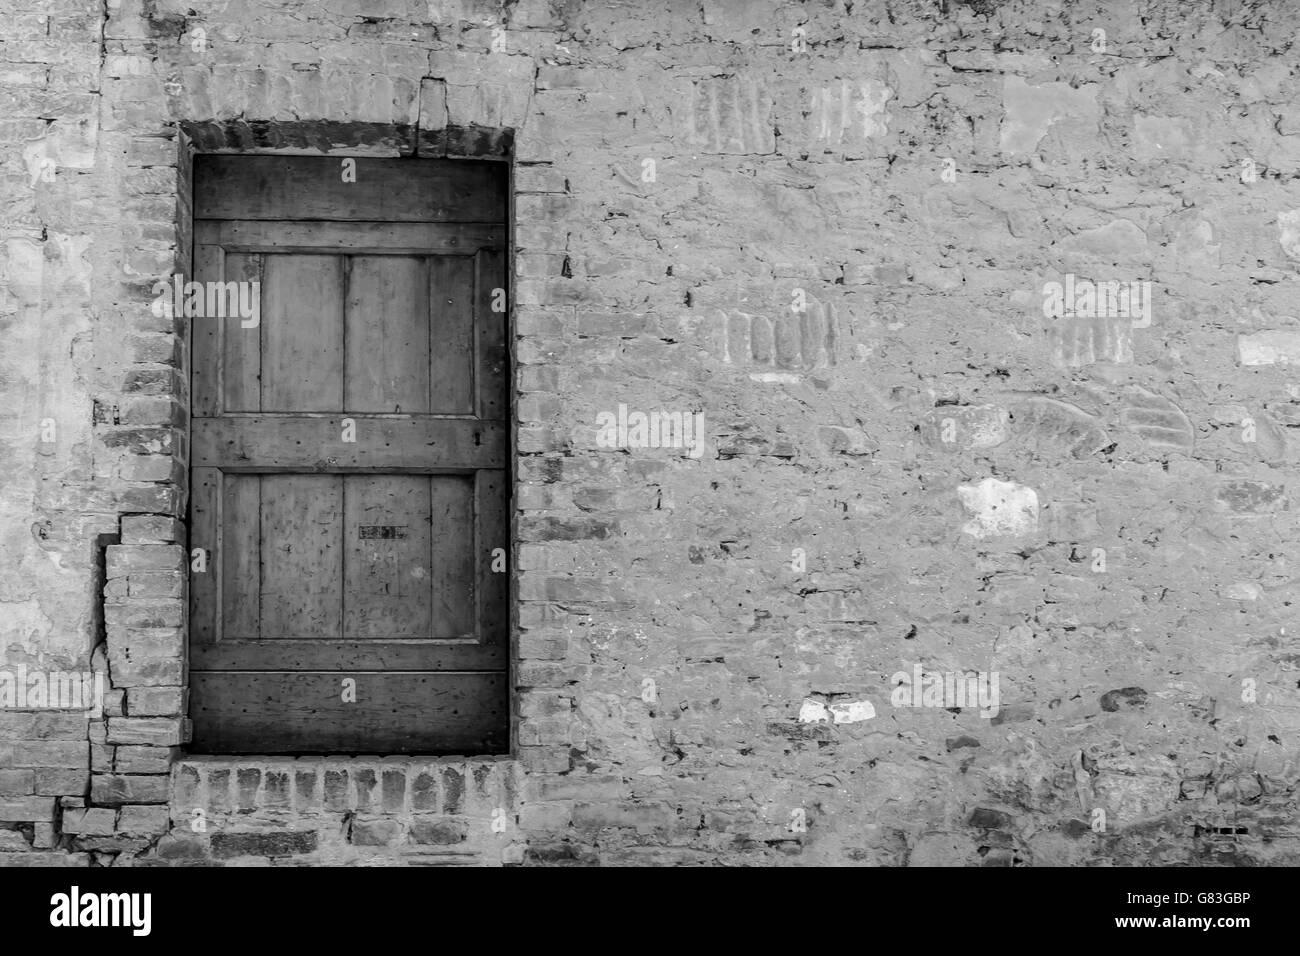 Rustic Wooden Door In Black And White Random Stonework